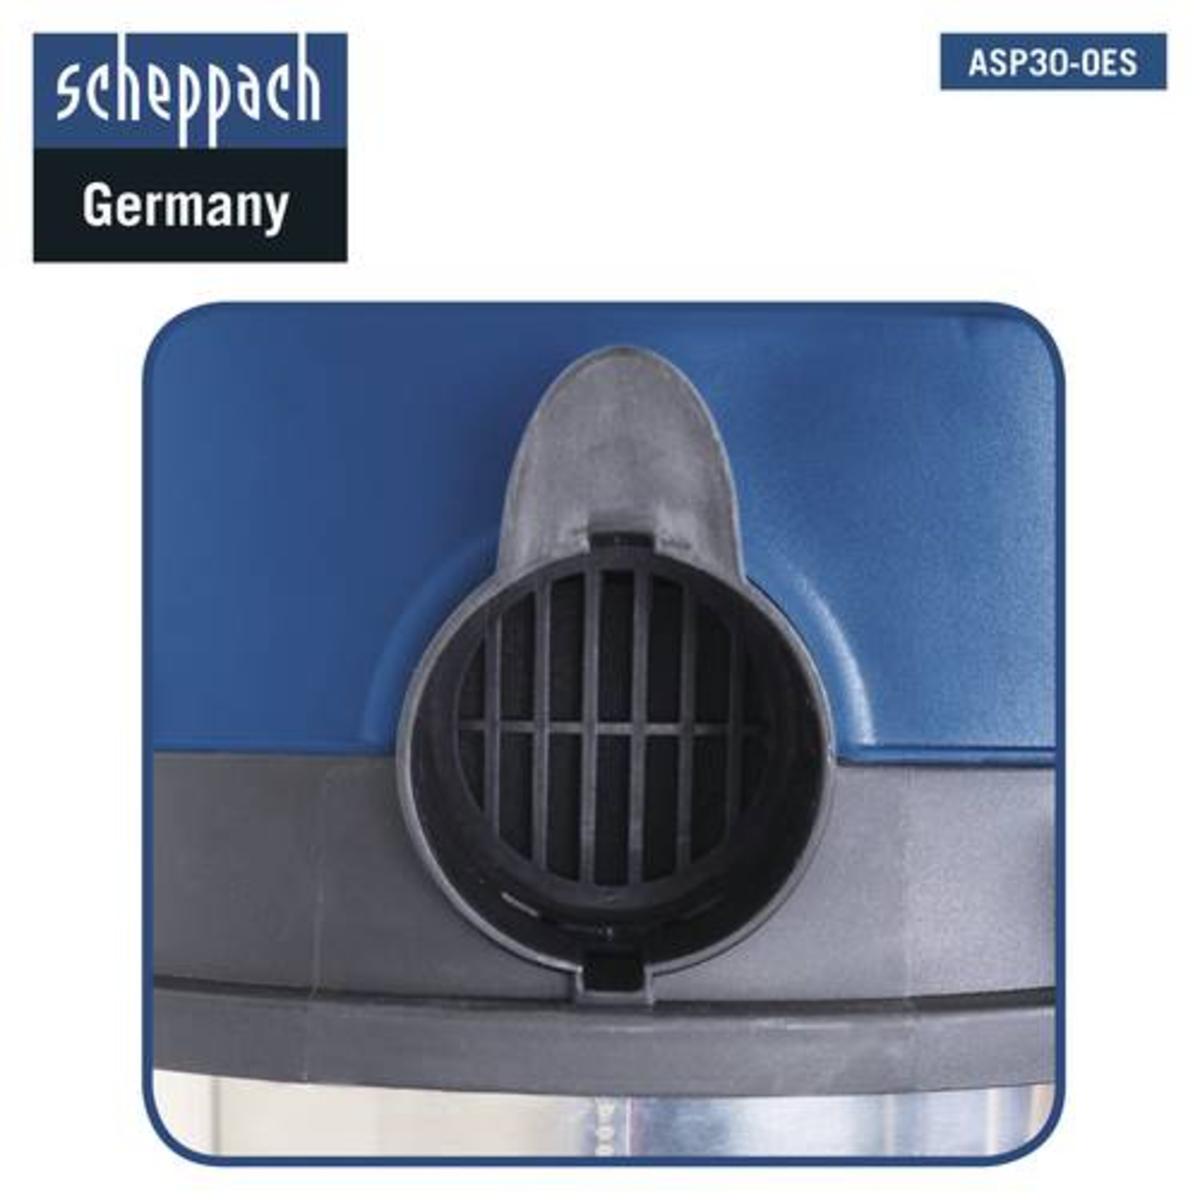 Bild 3 von Scheppach Nass-/ Trockensauger ASP30-OES